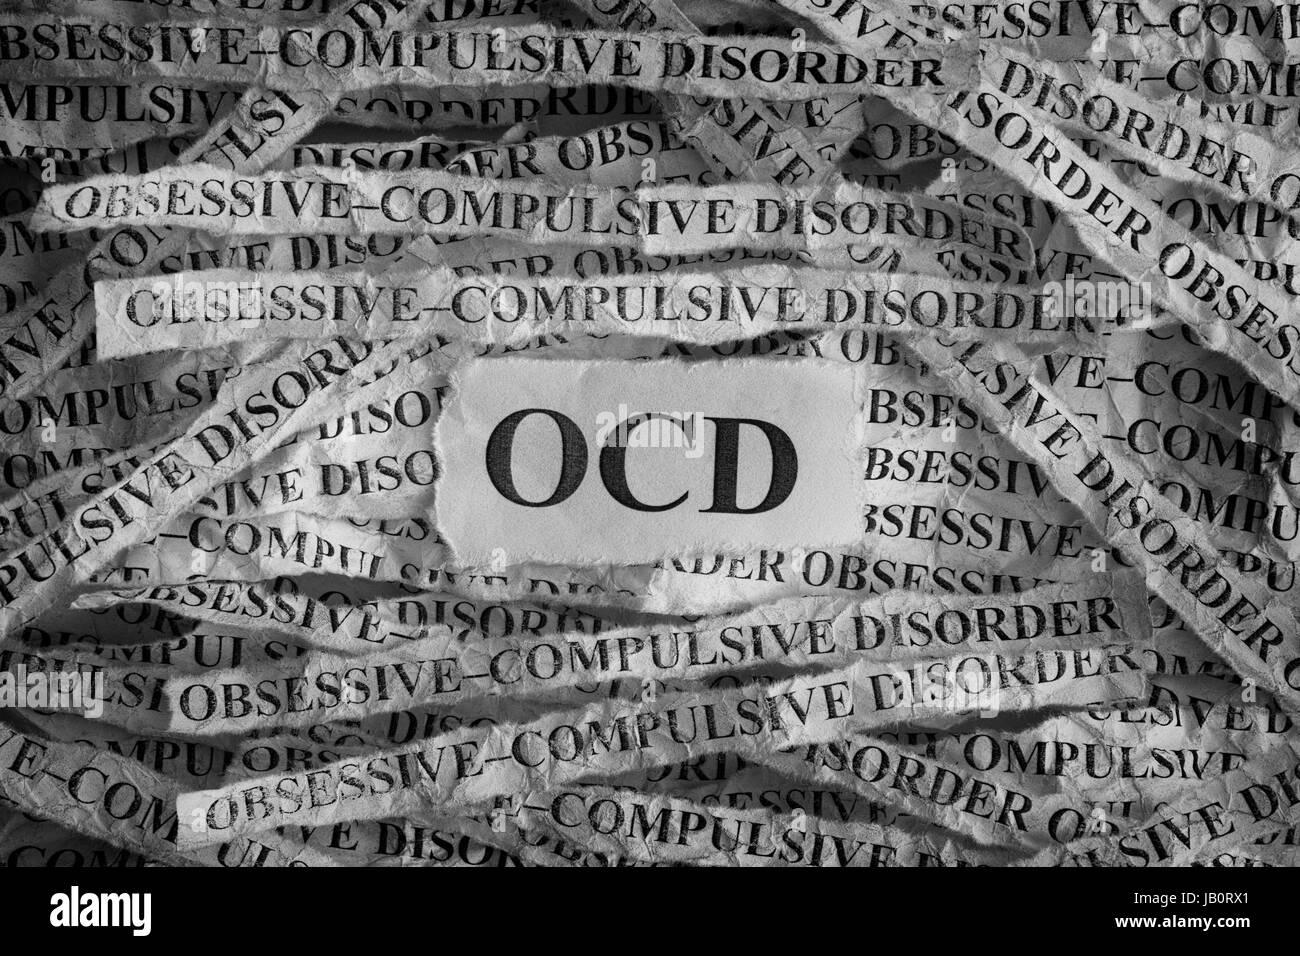 Le trouble obsessionnel compulsif (TOC). Morceaux de papier avec les mots le trouble obsessionnel-compulsif. Notion Photo Stock